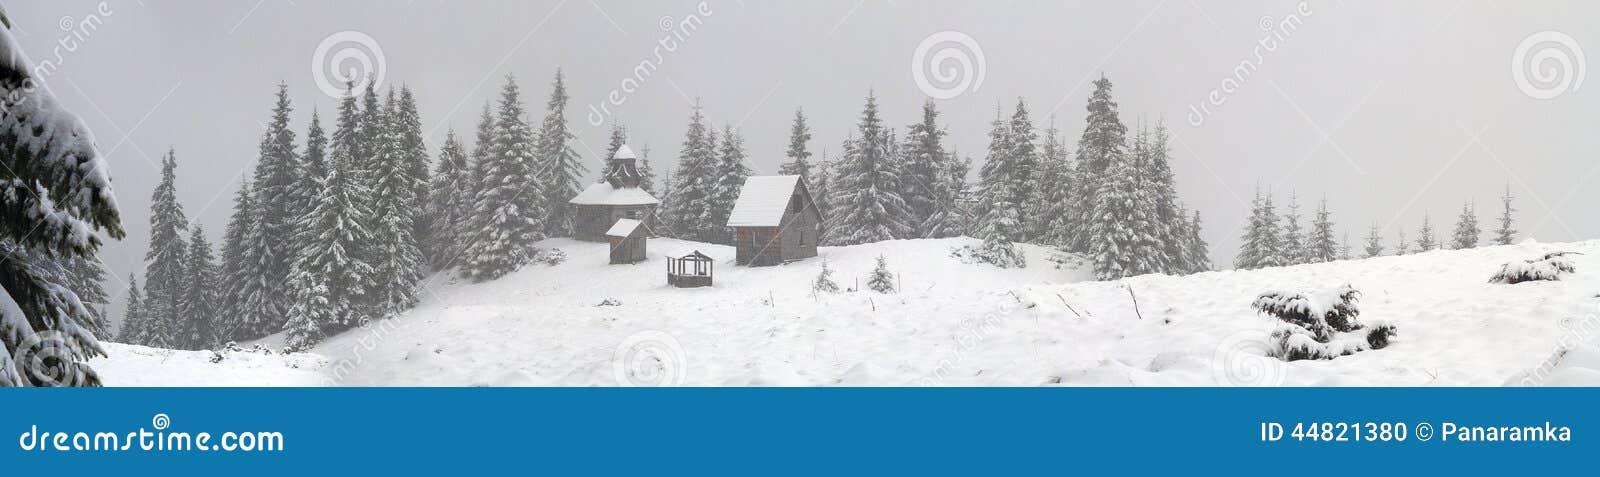 Μόνο μοναστήρι κατά τη διάρκεια των χιονοπτώσεων